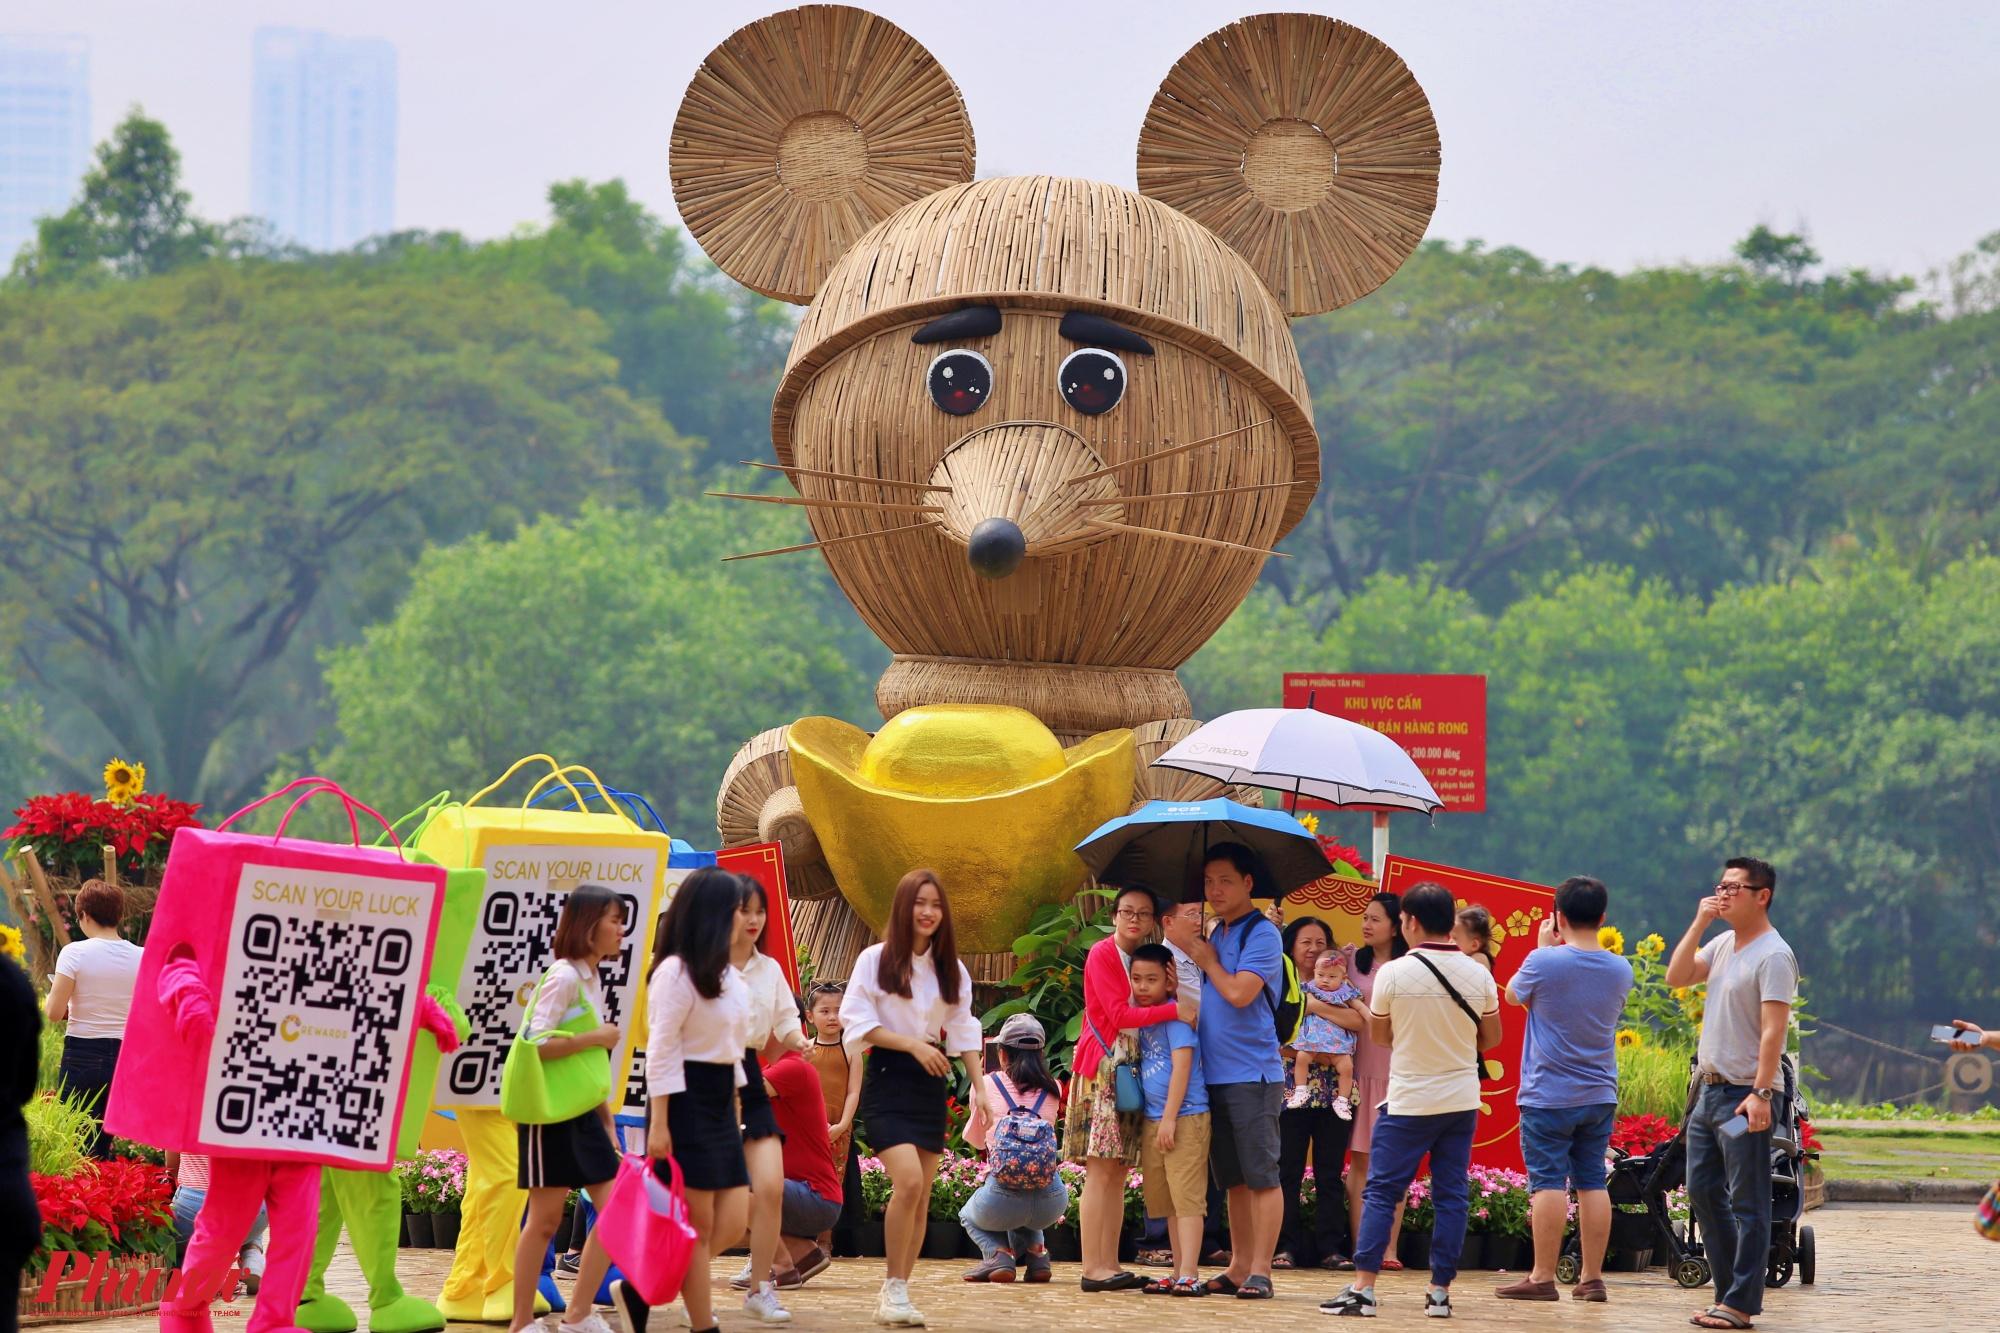 Chú chuột tài lộc được đan tỉ mỉ bằng tre có chiều cao 5,4m, đặt trước cổng chào của đường hoa